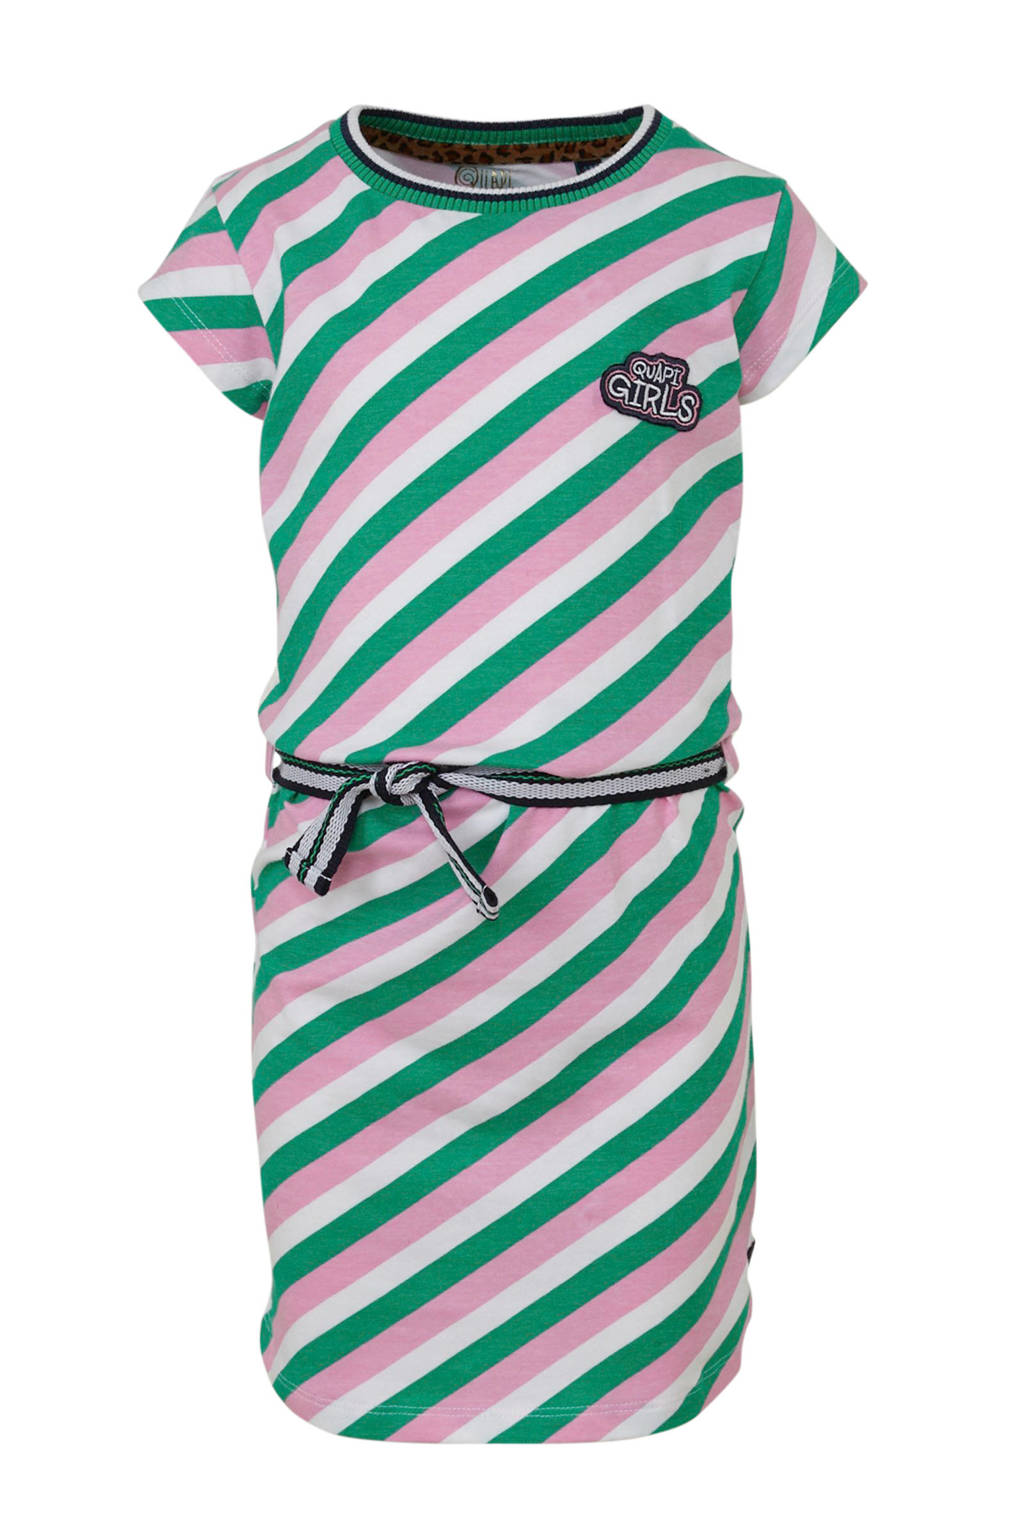 Quapi gestreepte T-shirtjurk Aafje lichtroze/groen/wit, Lichtroze/groen/wit